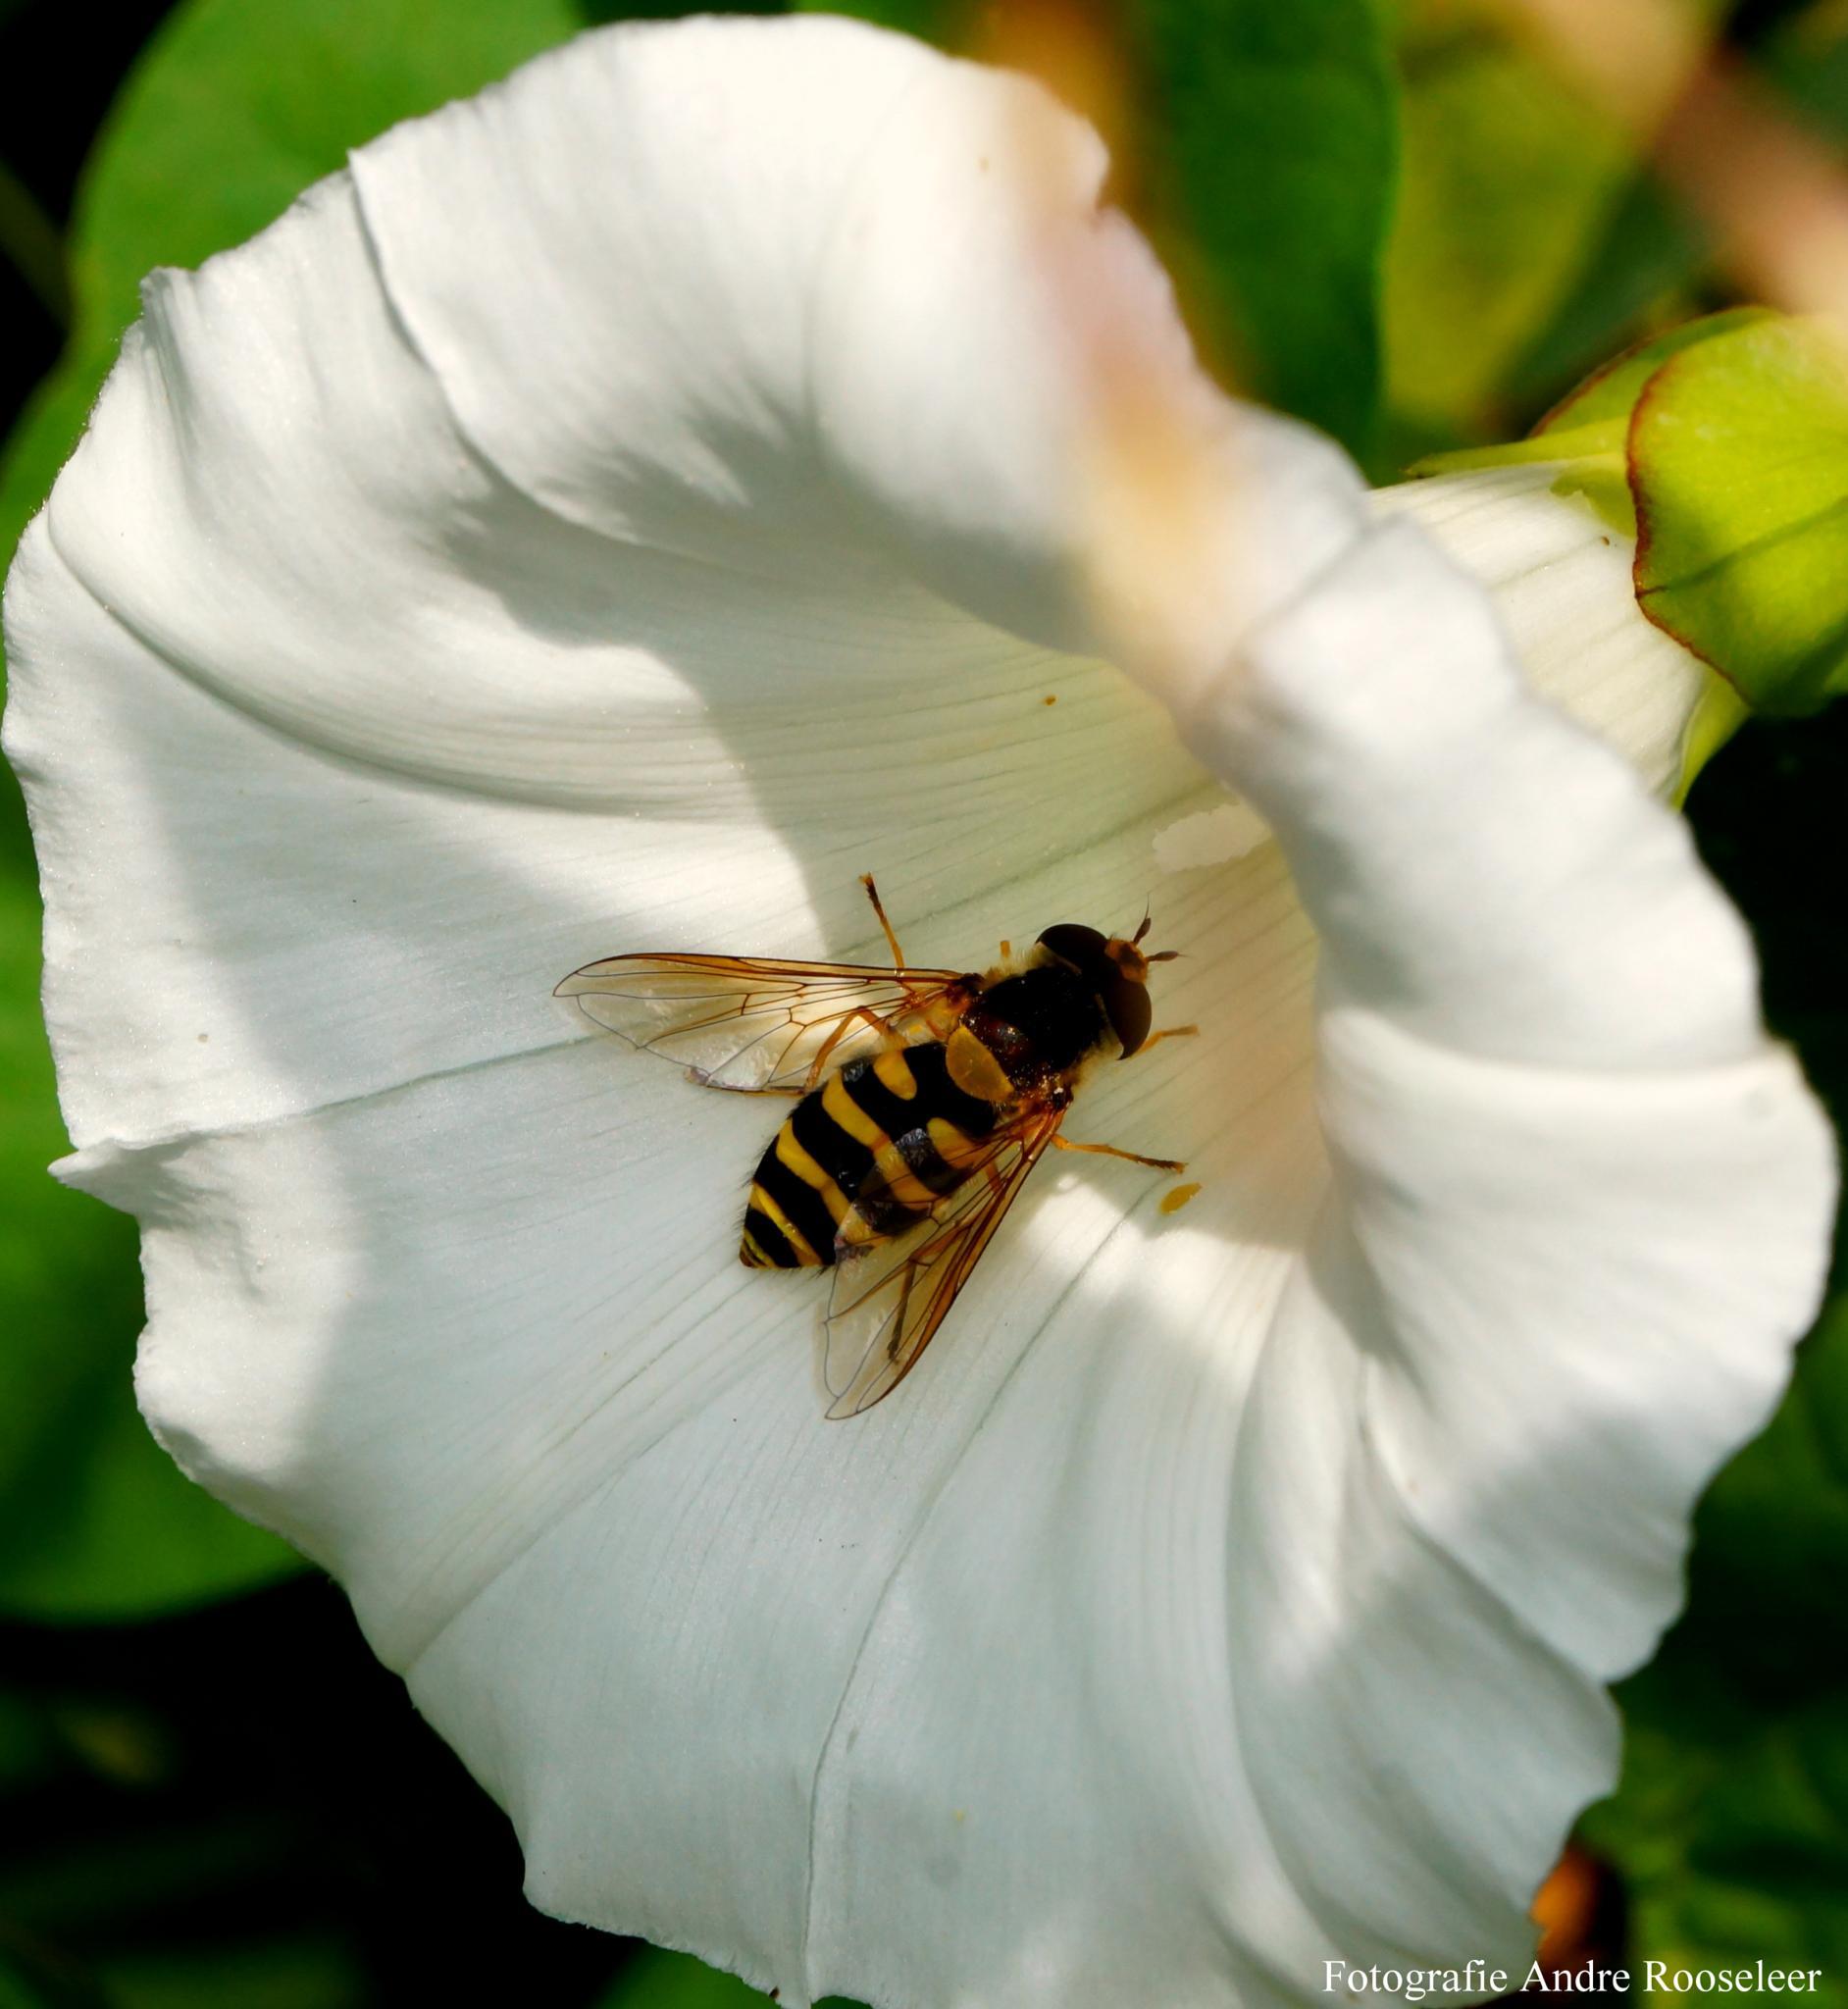 Zweefvlieg (Hoverfly) by andre.rooseleer